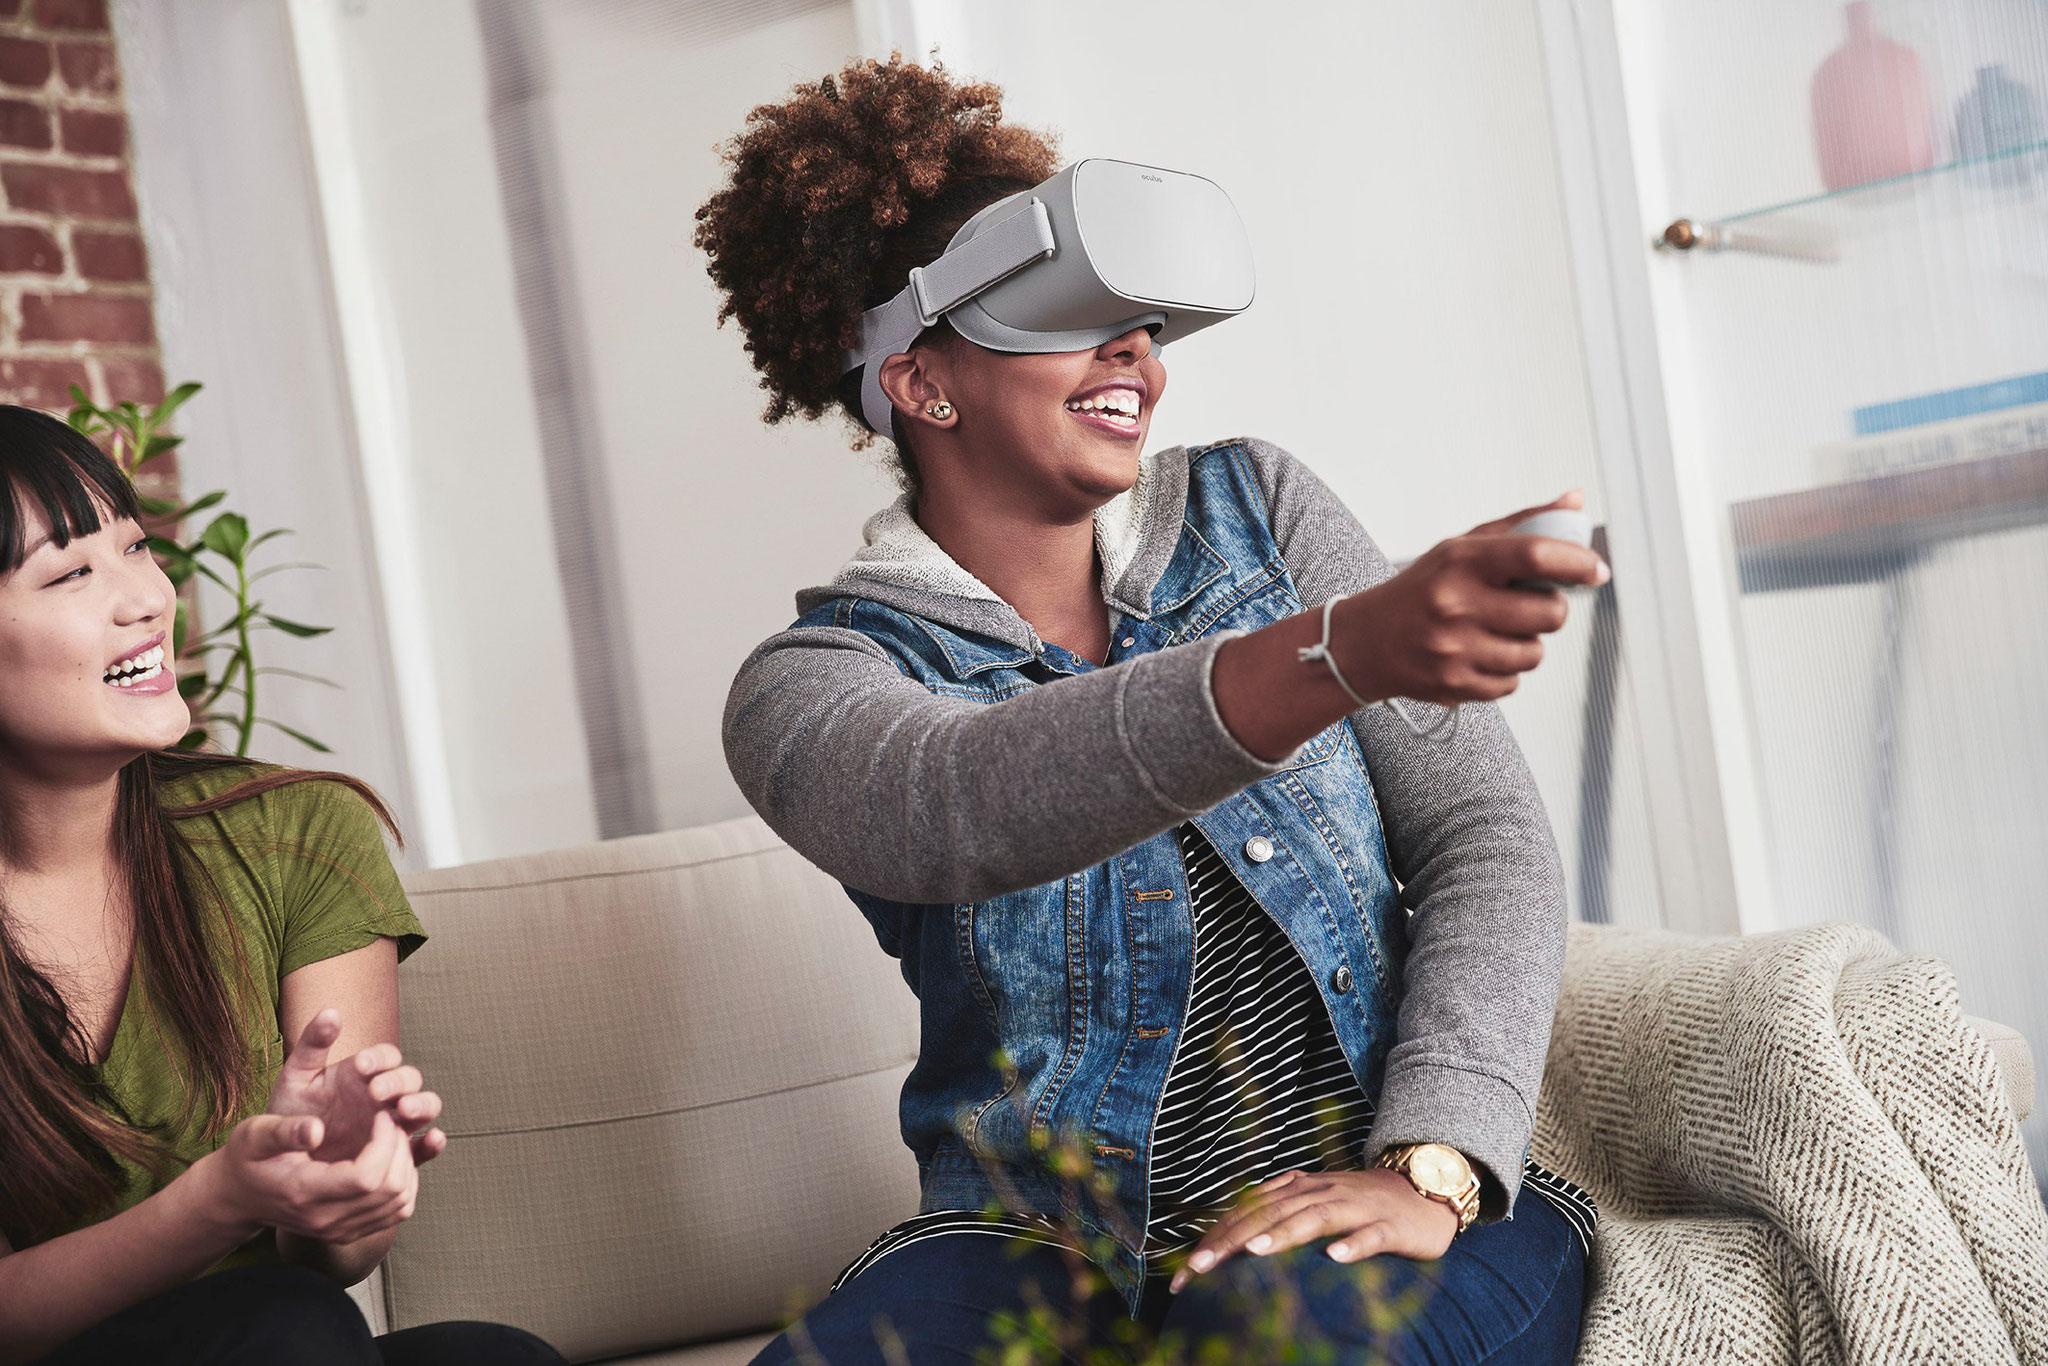 """Deutlich günstiger als die """"Quest"""", aber dafür auch weniger leistungsfähig und für passionierte Gamer nur bedingt zu empfehlen: die ebenfalls mobile """"Oculus Go""""."""